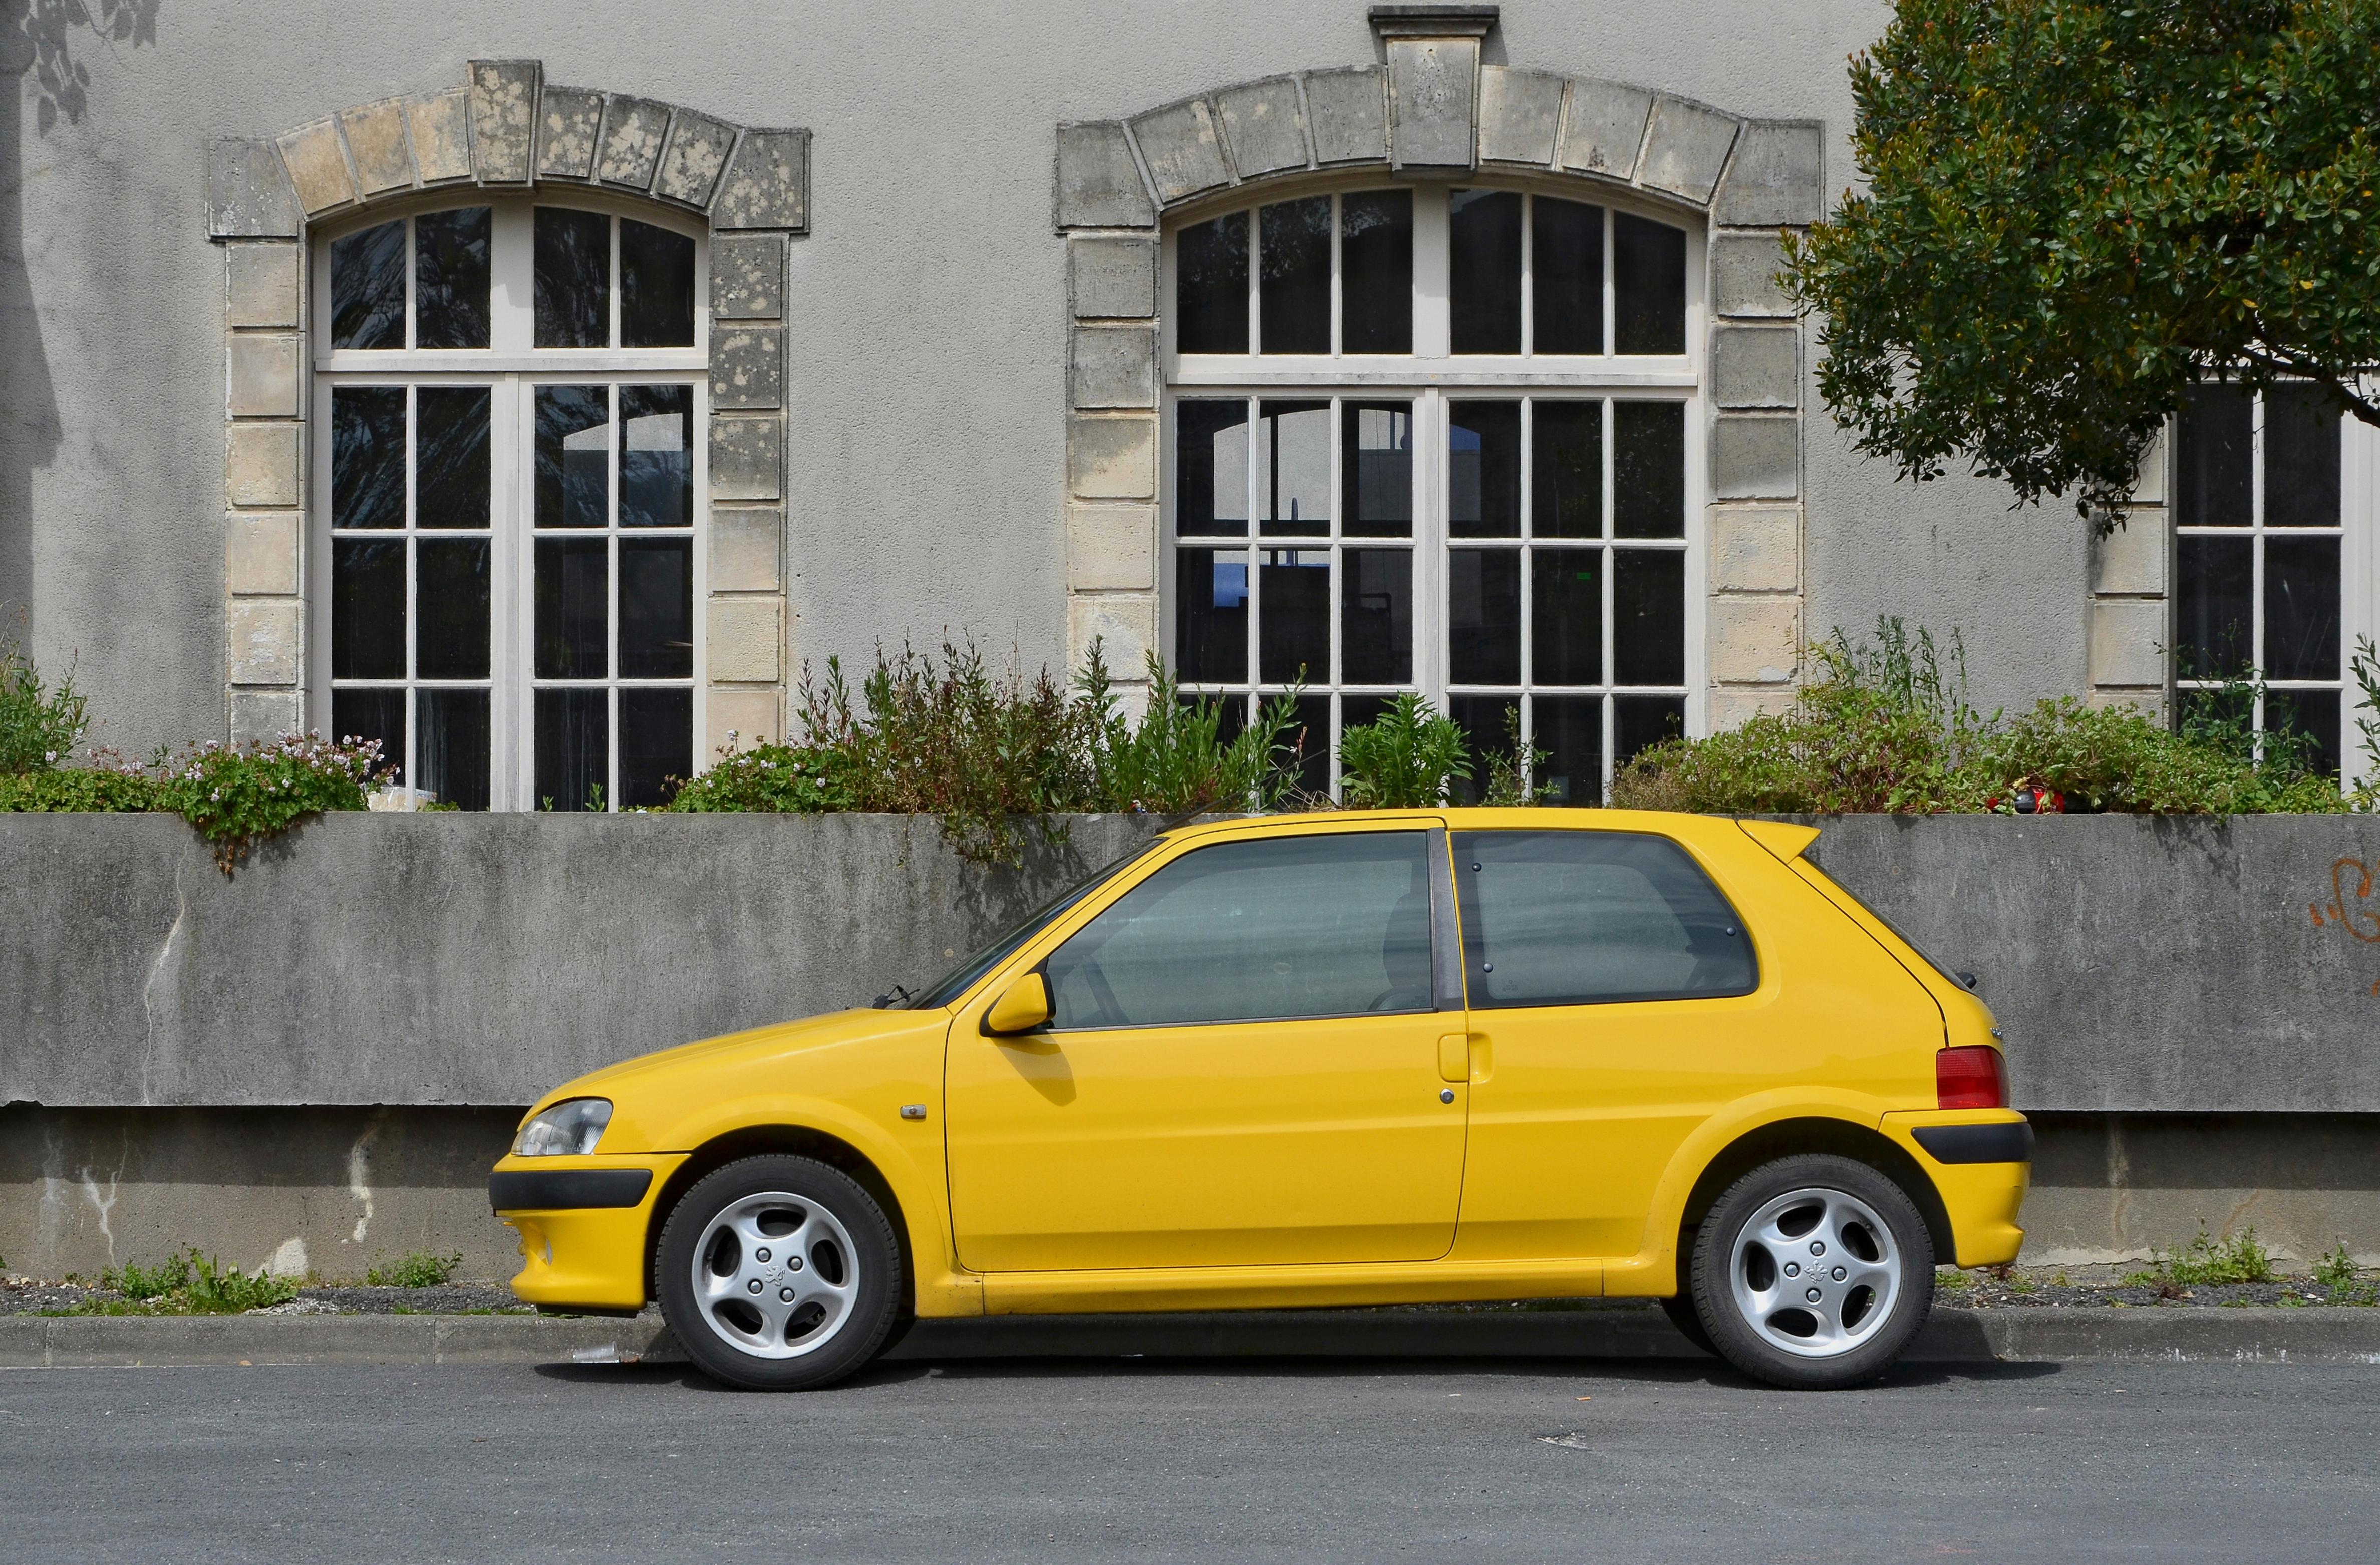 ניס File:Cognac 16 Peugeot 106 2014.jpg - Wikimedia Commons VI-24